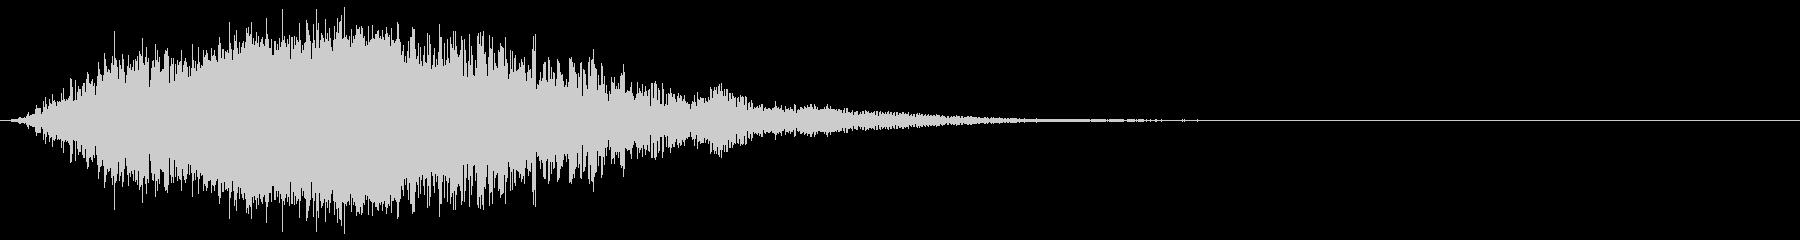 迫力の瞬間移動:ワープする音の未再生の波形